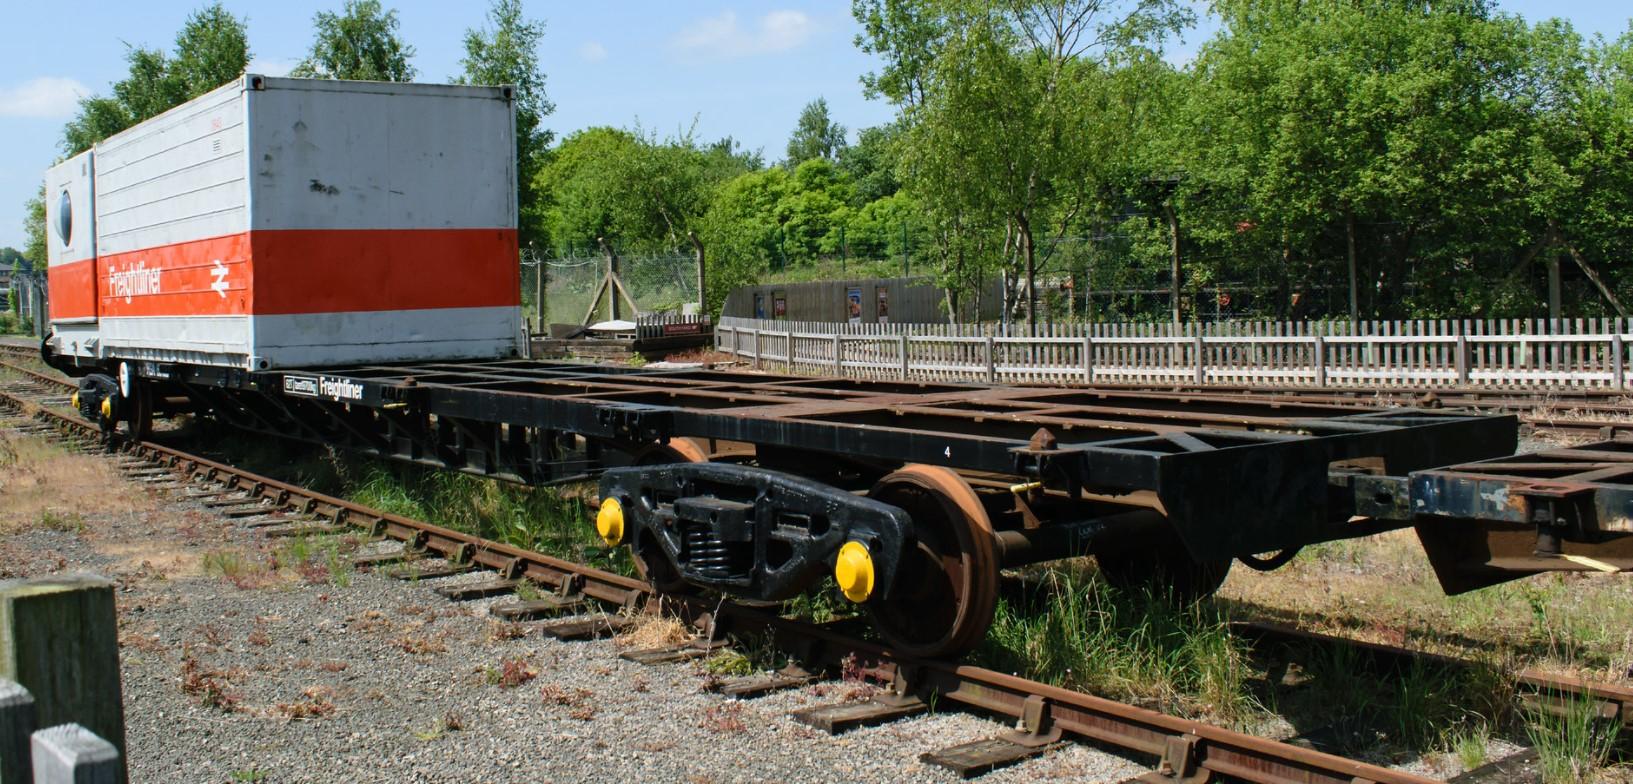 601652 at the National Railway Museum in May 2018. ©Dan Adkins